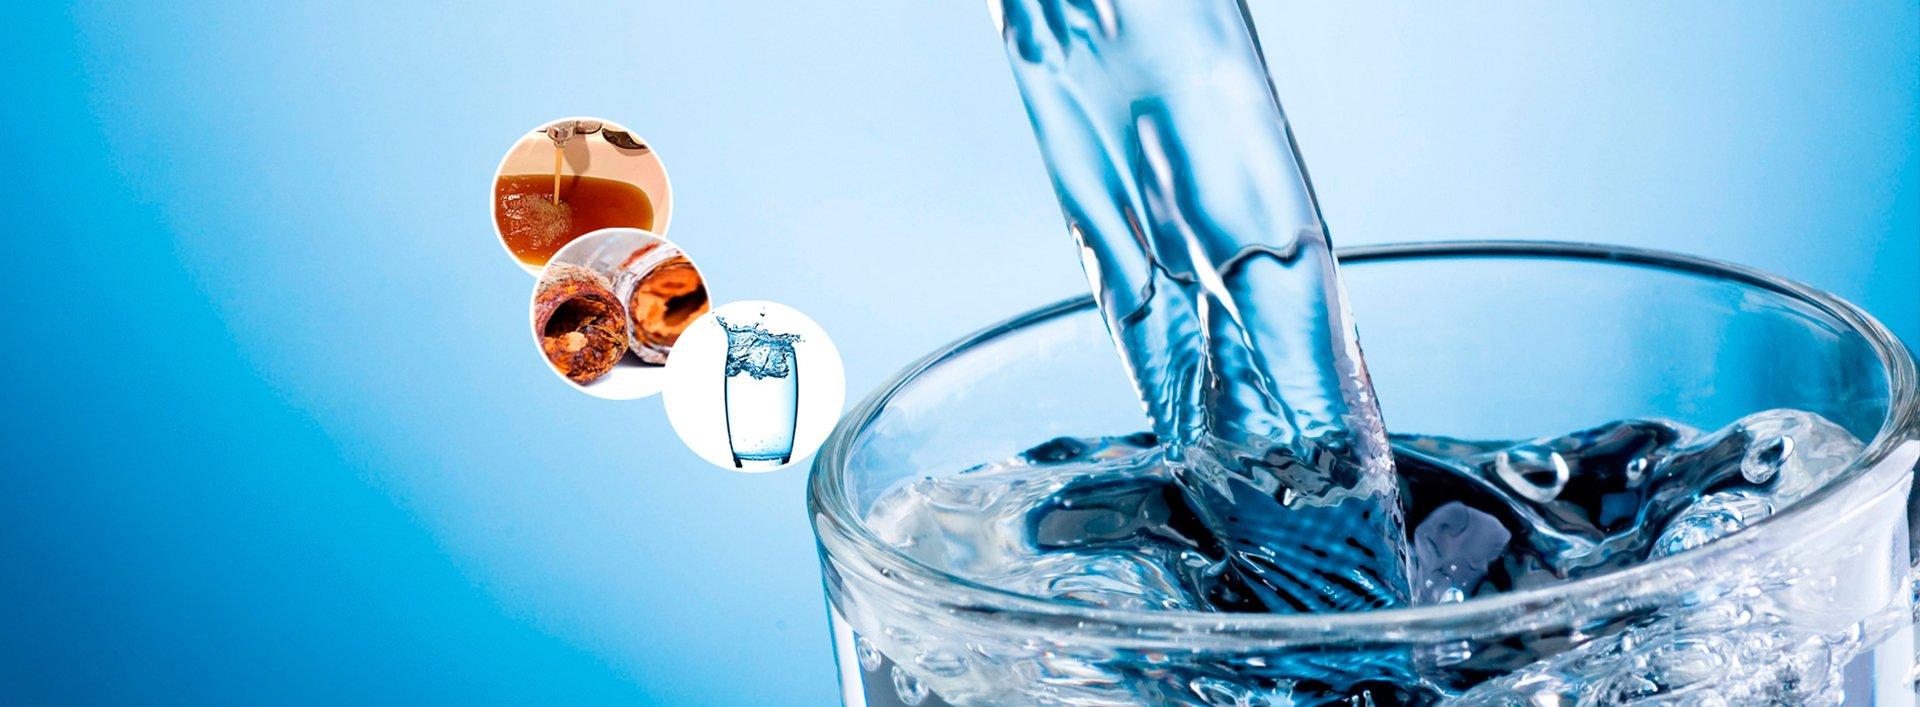 Água com qualidade